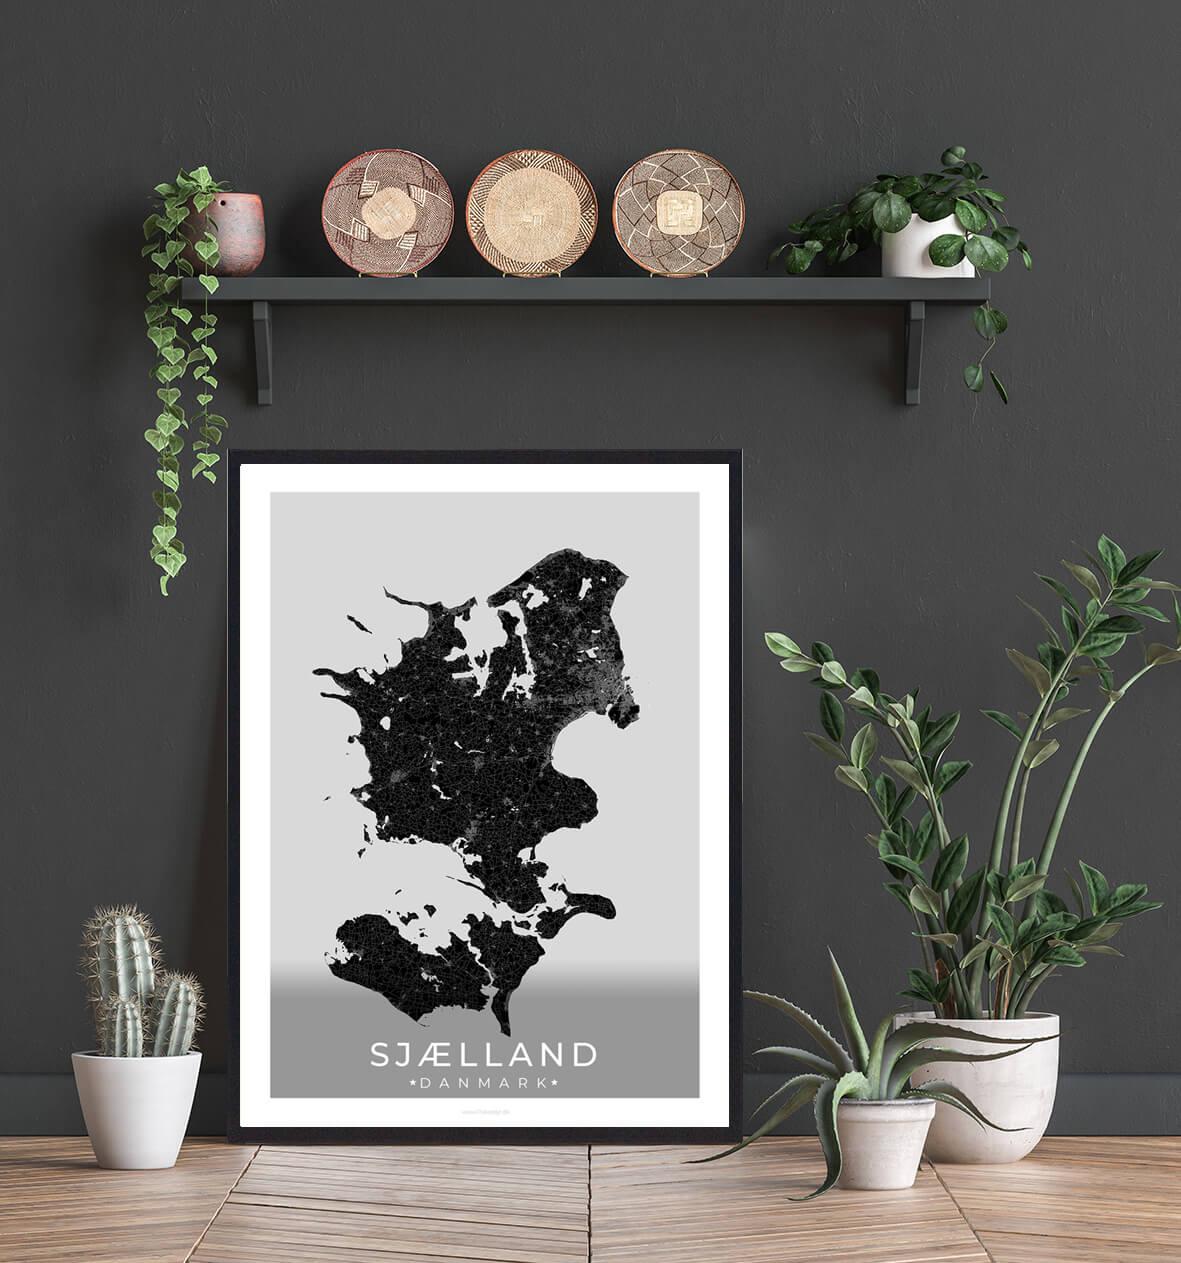 Sjalelland-plakat-boligen-sort-3